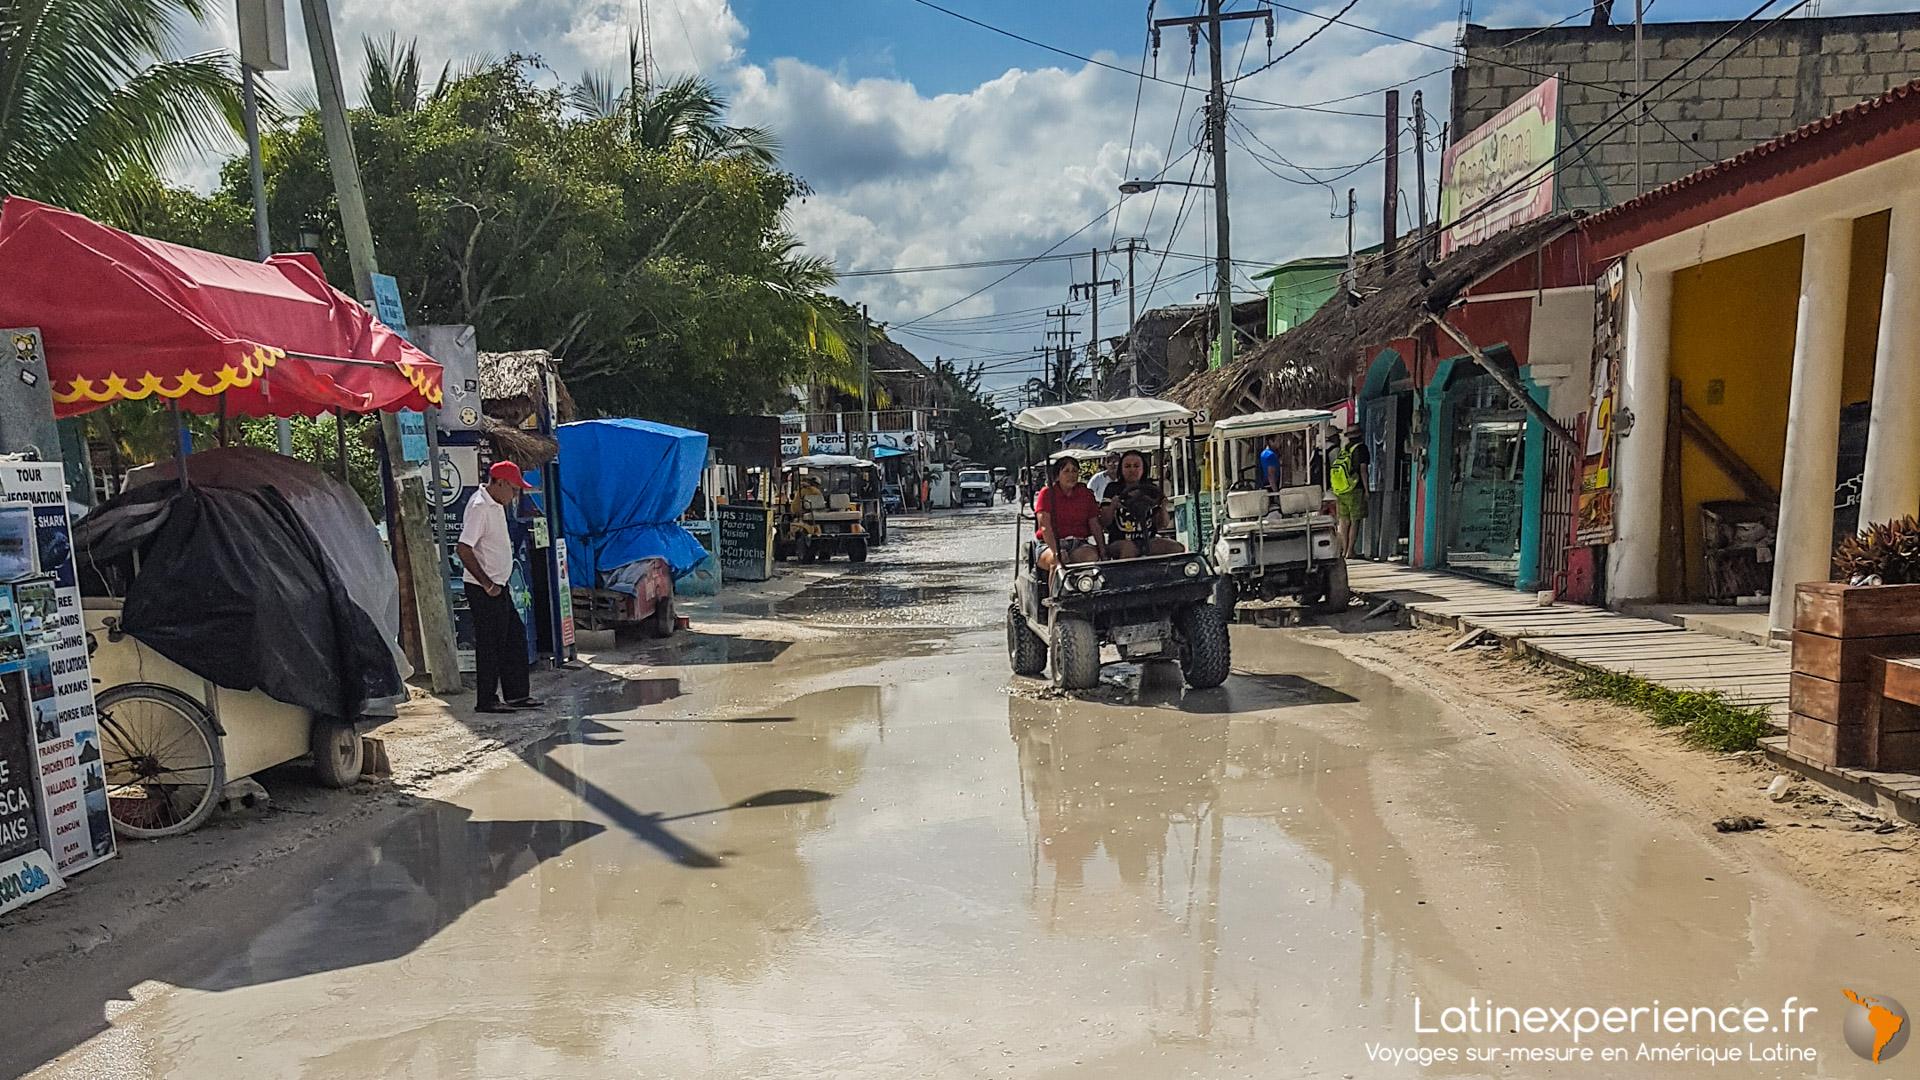 Séjour Mexique - Holbox - Ruelle - Latinexperience voyages